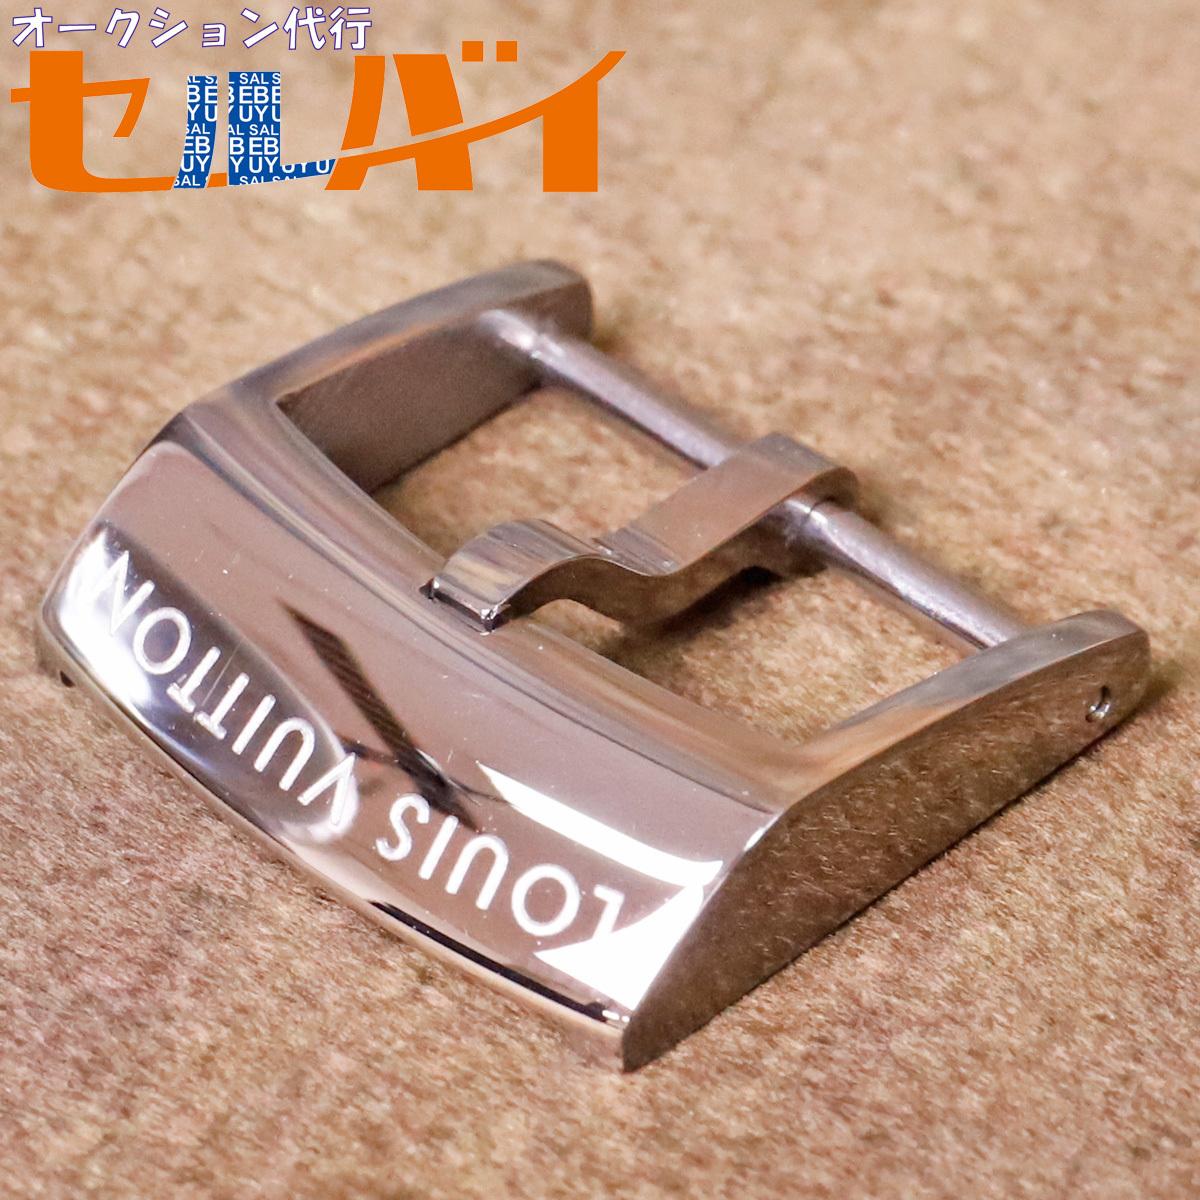 本物 ヴィトン 現行モデル アーディヨンバックル タンブールGM 対応 18mm幅 腕時計用 ウォッチベルト 尾錠 バンド VUITTON_画像1